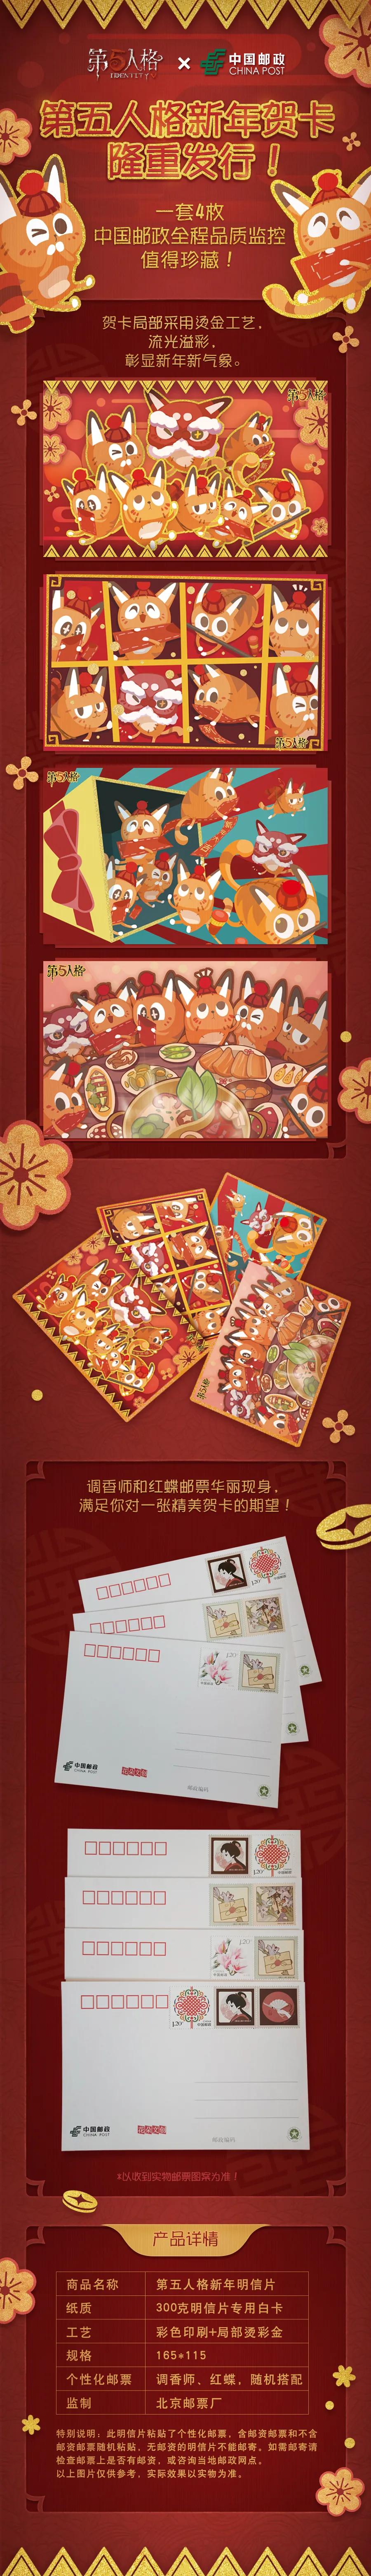 【第五人格X中国邮政】写下新年贺卡,迎来金光满满